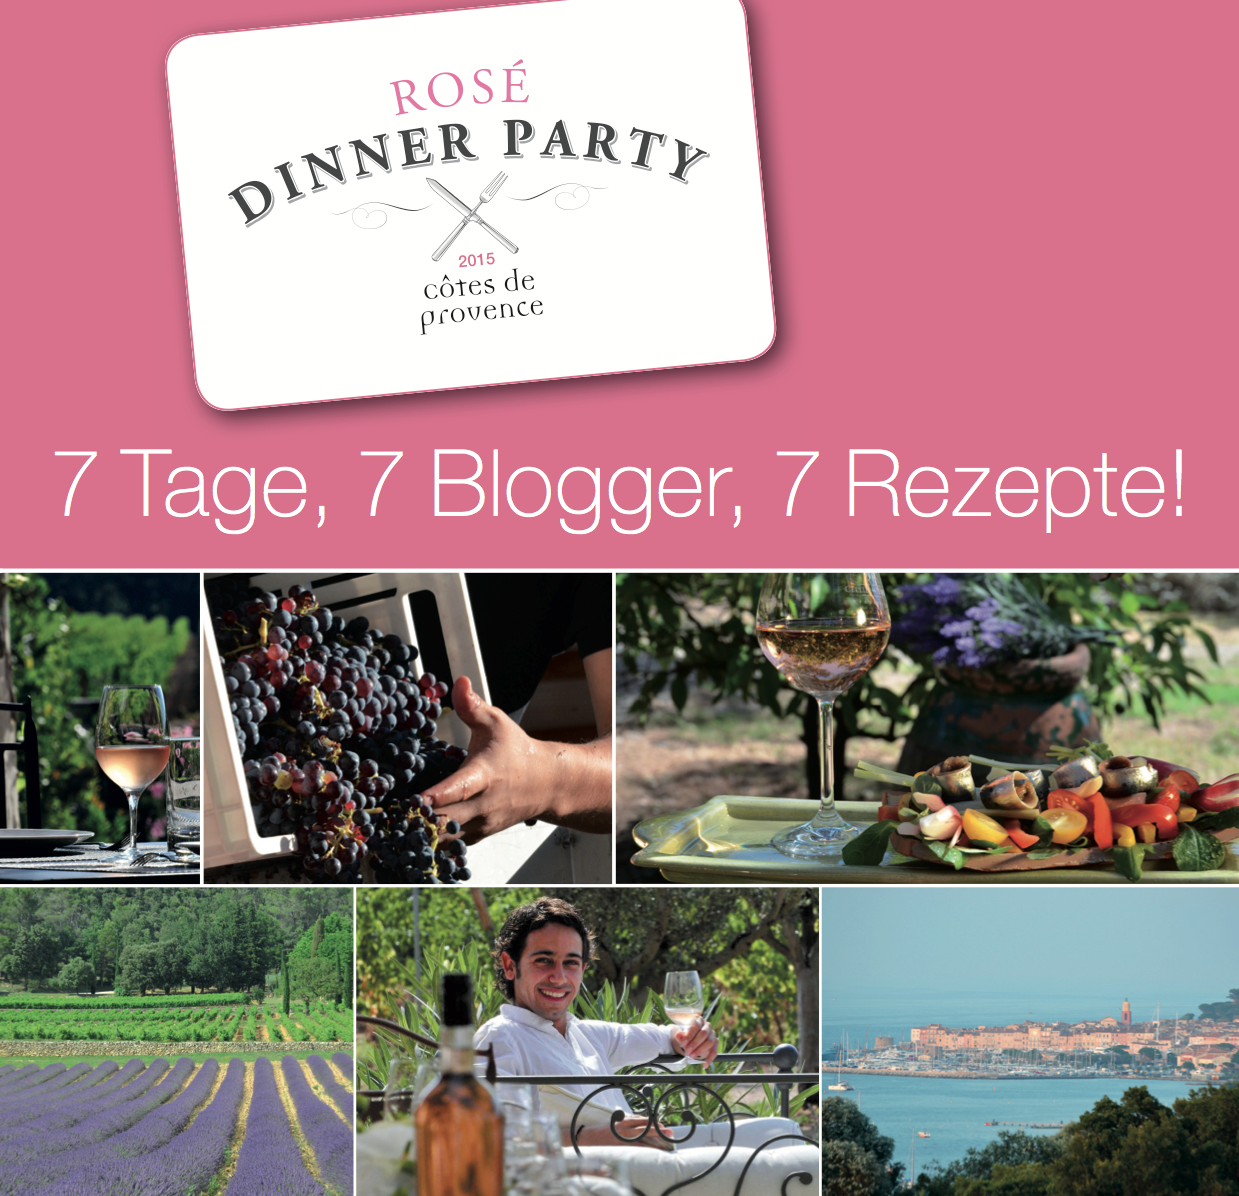 Mit einem Klick kommt ihr zum pdf der Dinner Rosé Party Broschüre